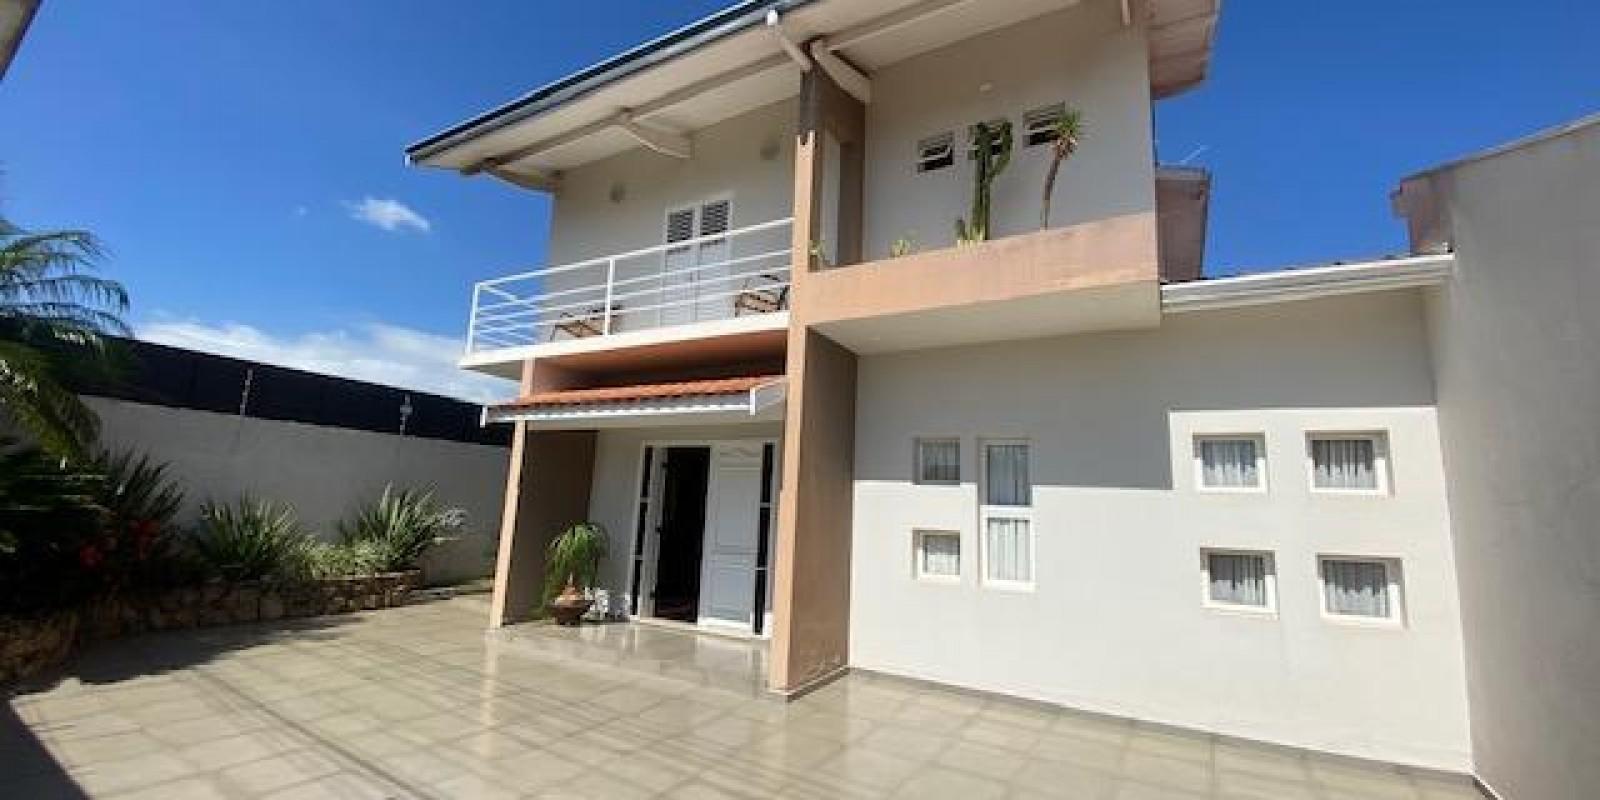 Casa Conjugada com Sobrado no Jd Boa Vista em Avaré SP - Foto 20 de 35